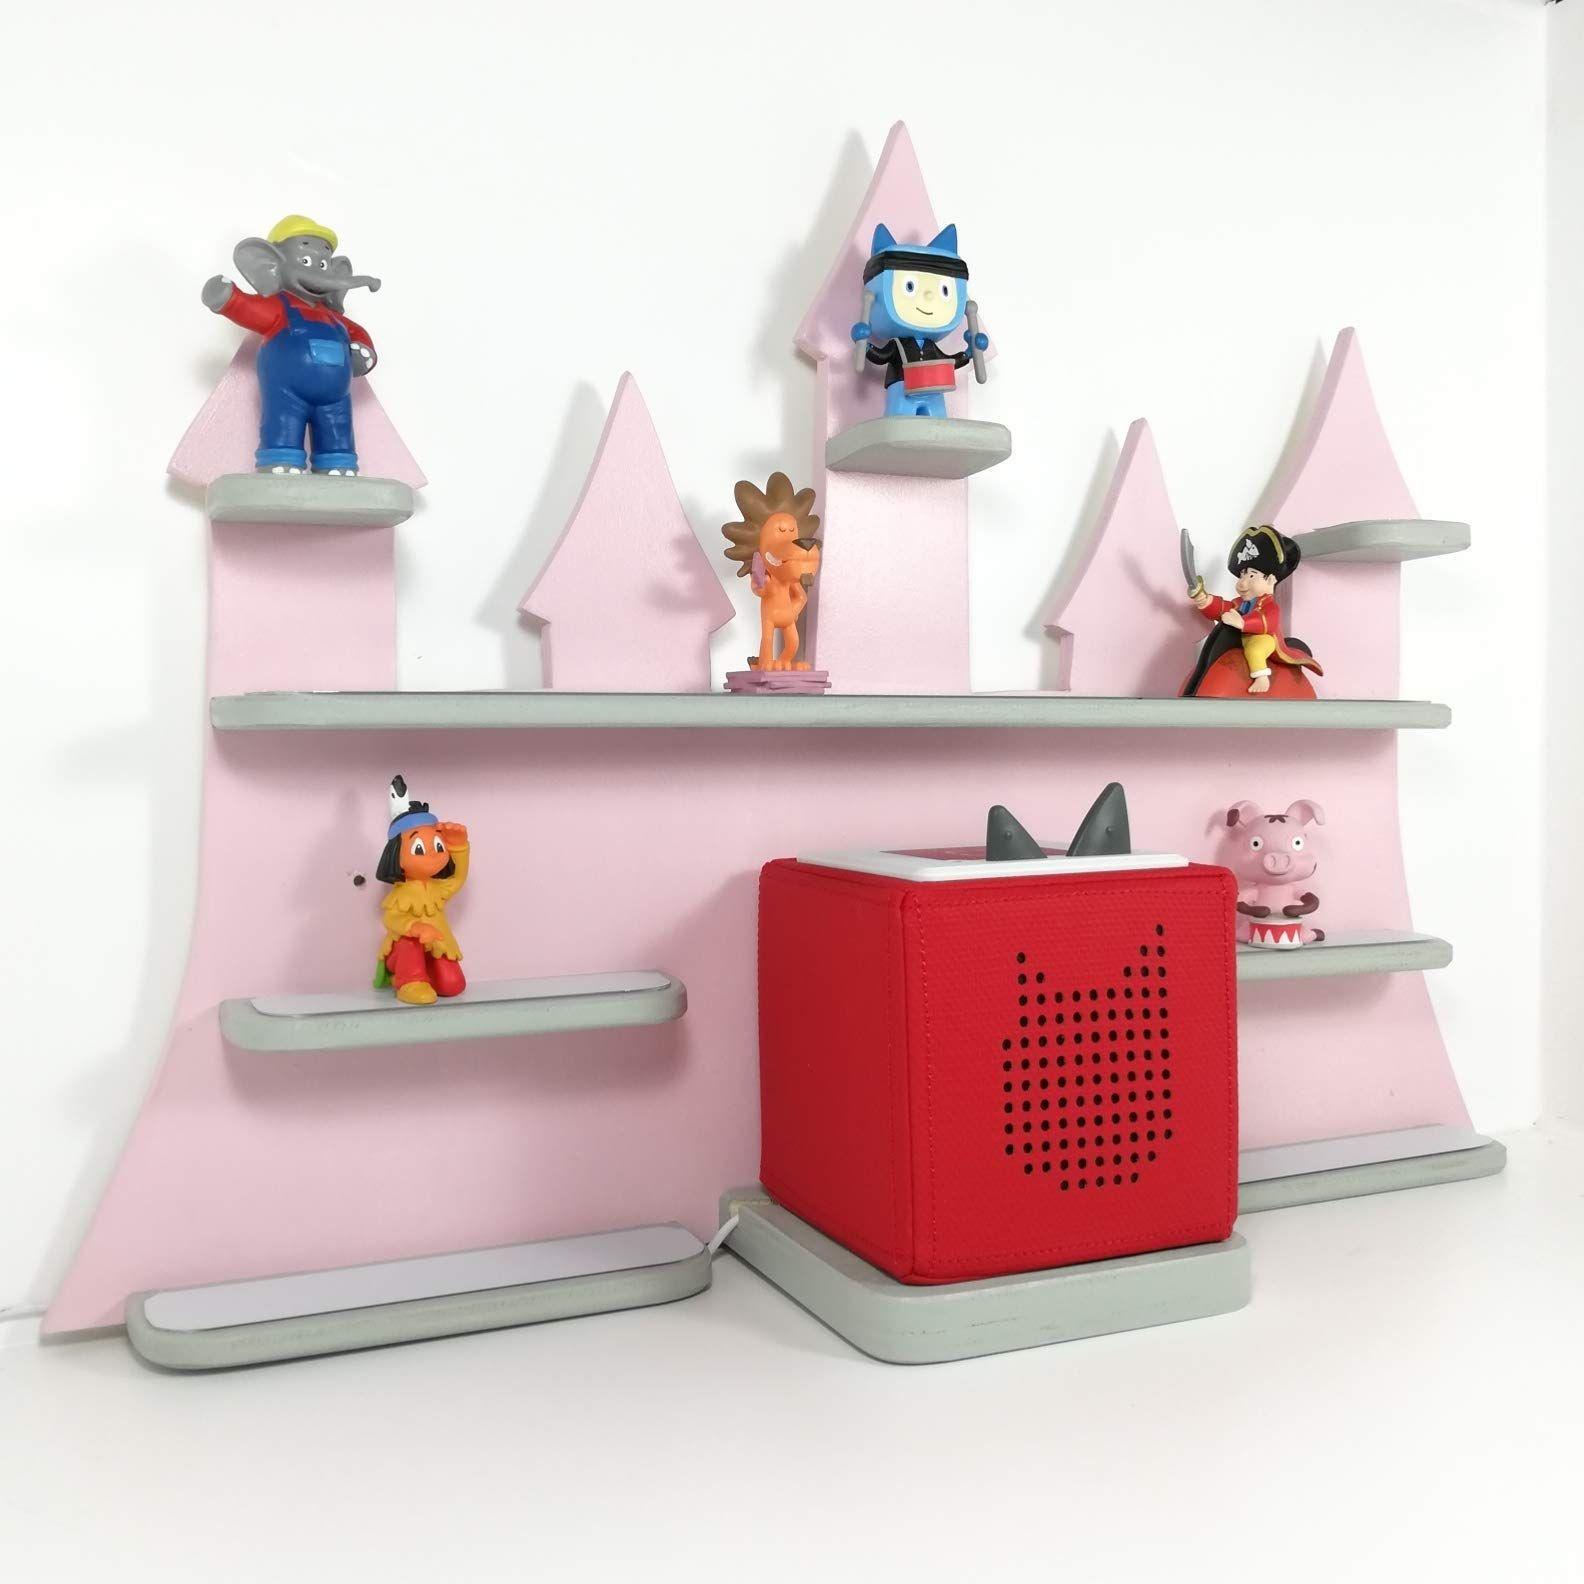 Tonie Board, Musikbox, Schloss rosa matt, perfekt f¨¹r die ...